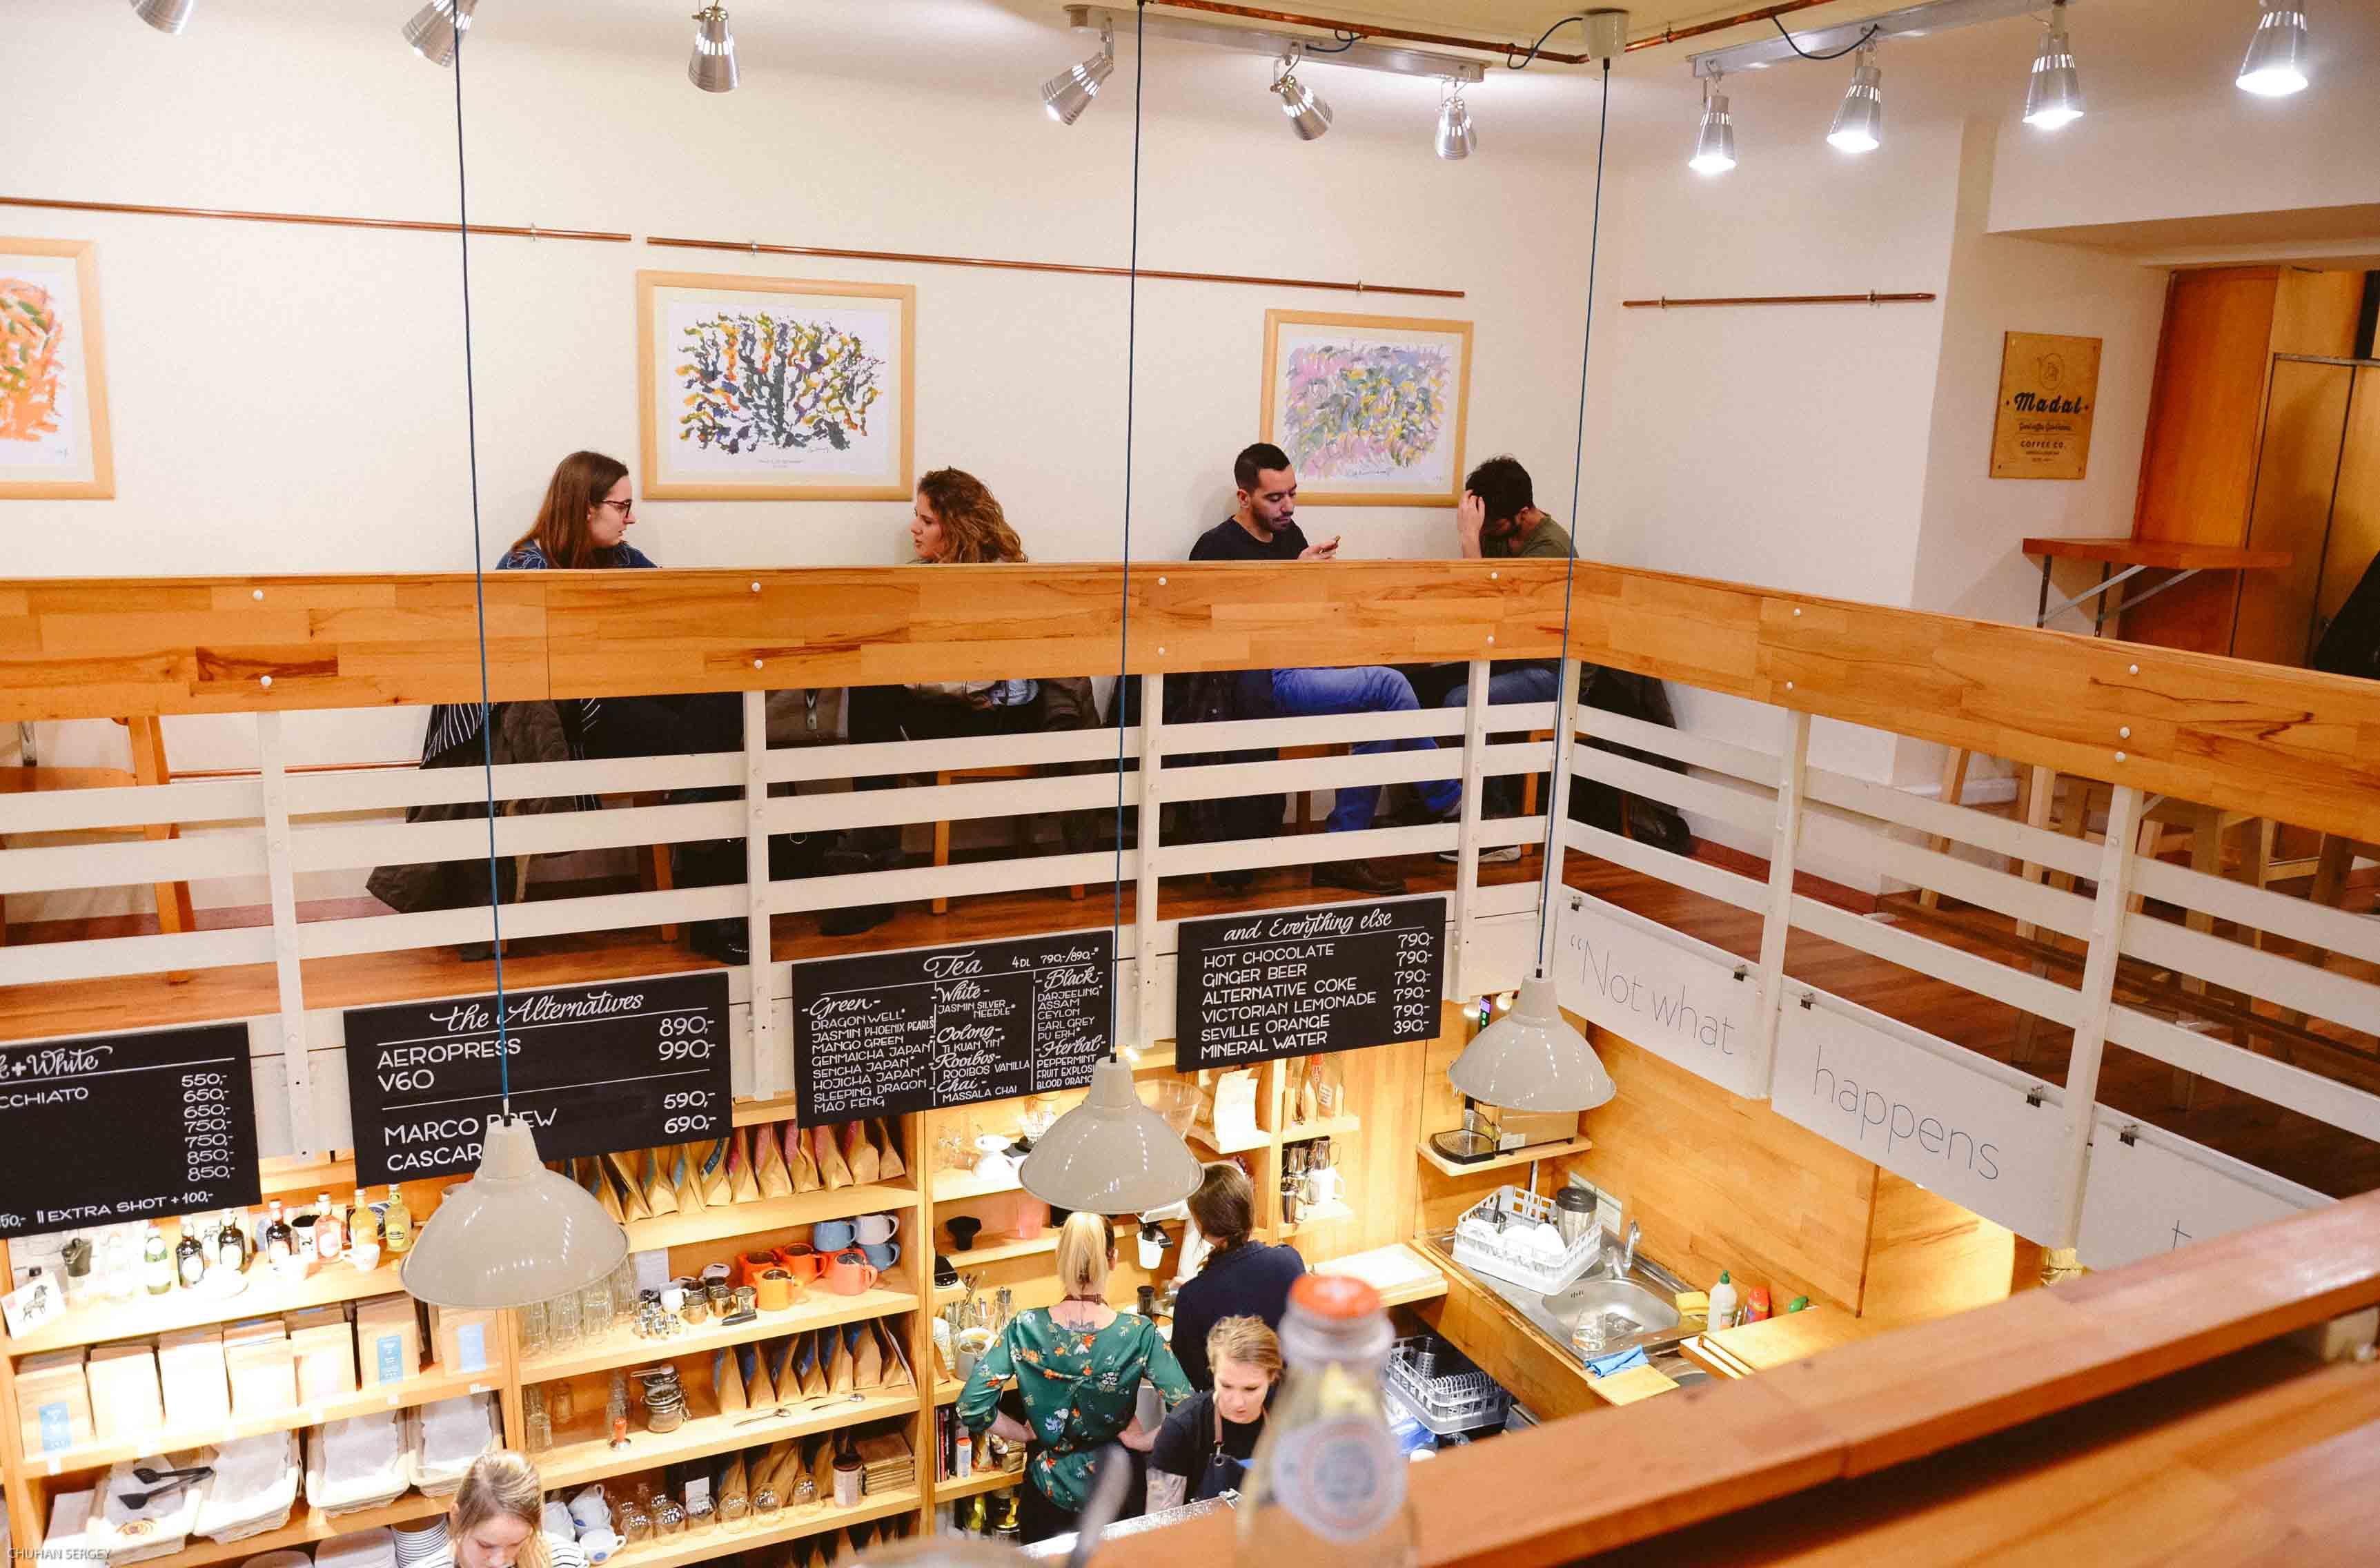 5 крутых кофешопов для фрилансеров в Будапеште - Madal